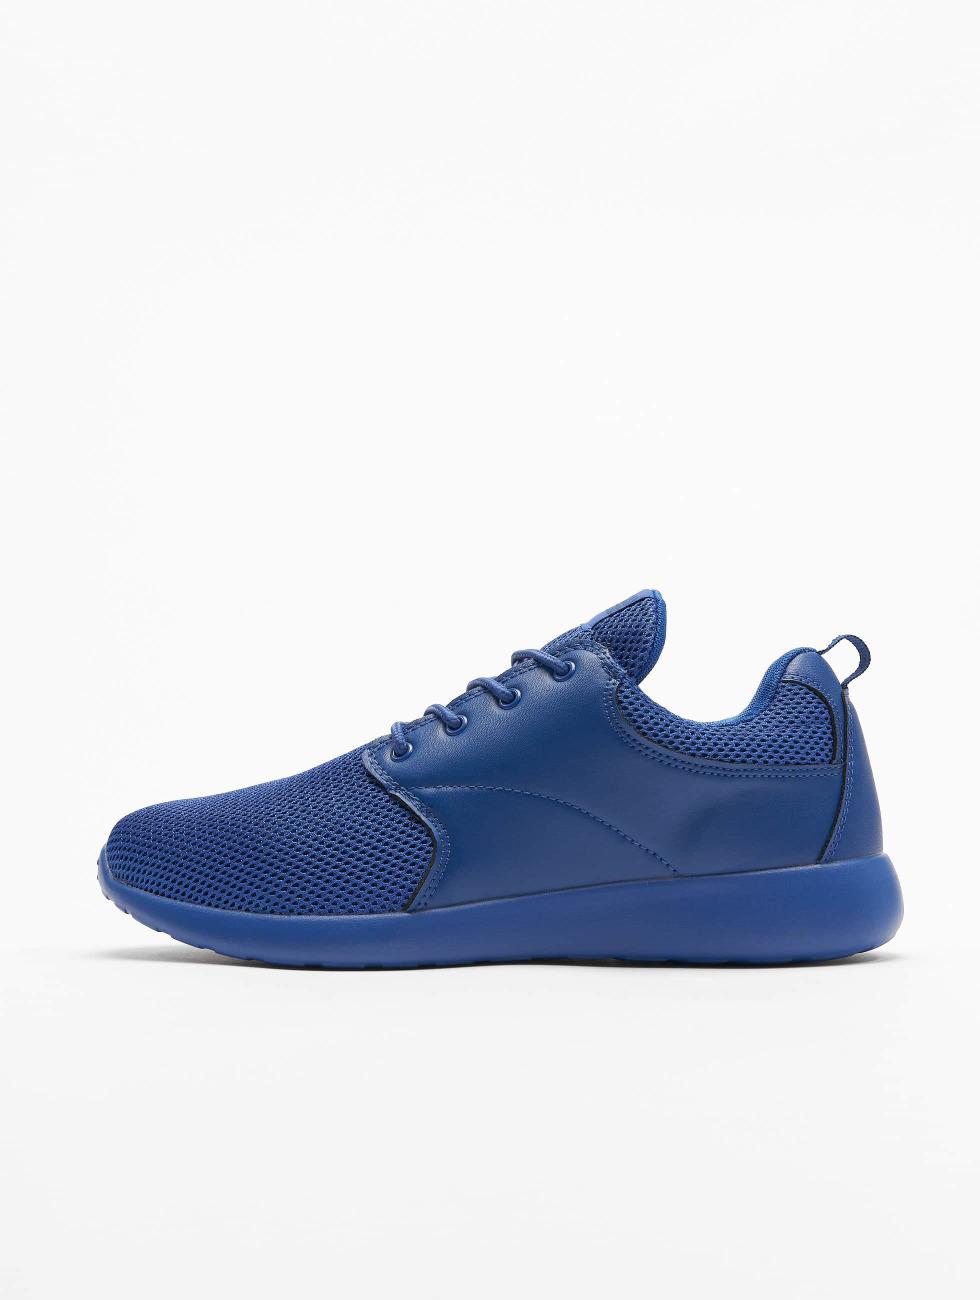 Footaction Goedkope Prijs Kopen Goedkope Sneakernews Urban Classics schoen / sneaker Light Runner in blauw 263830 2kKcq8h3r0